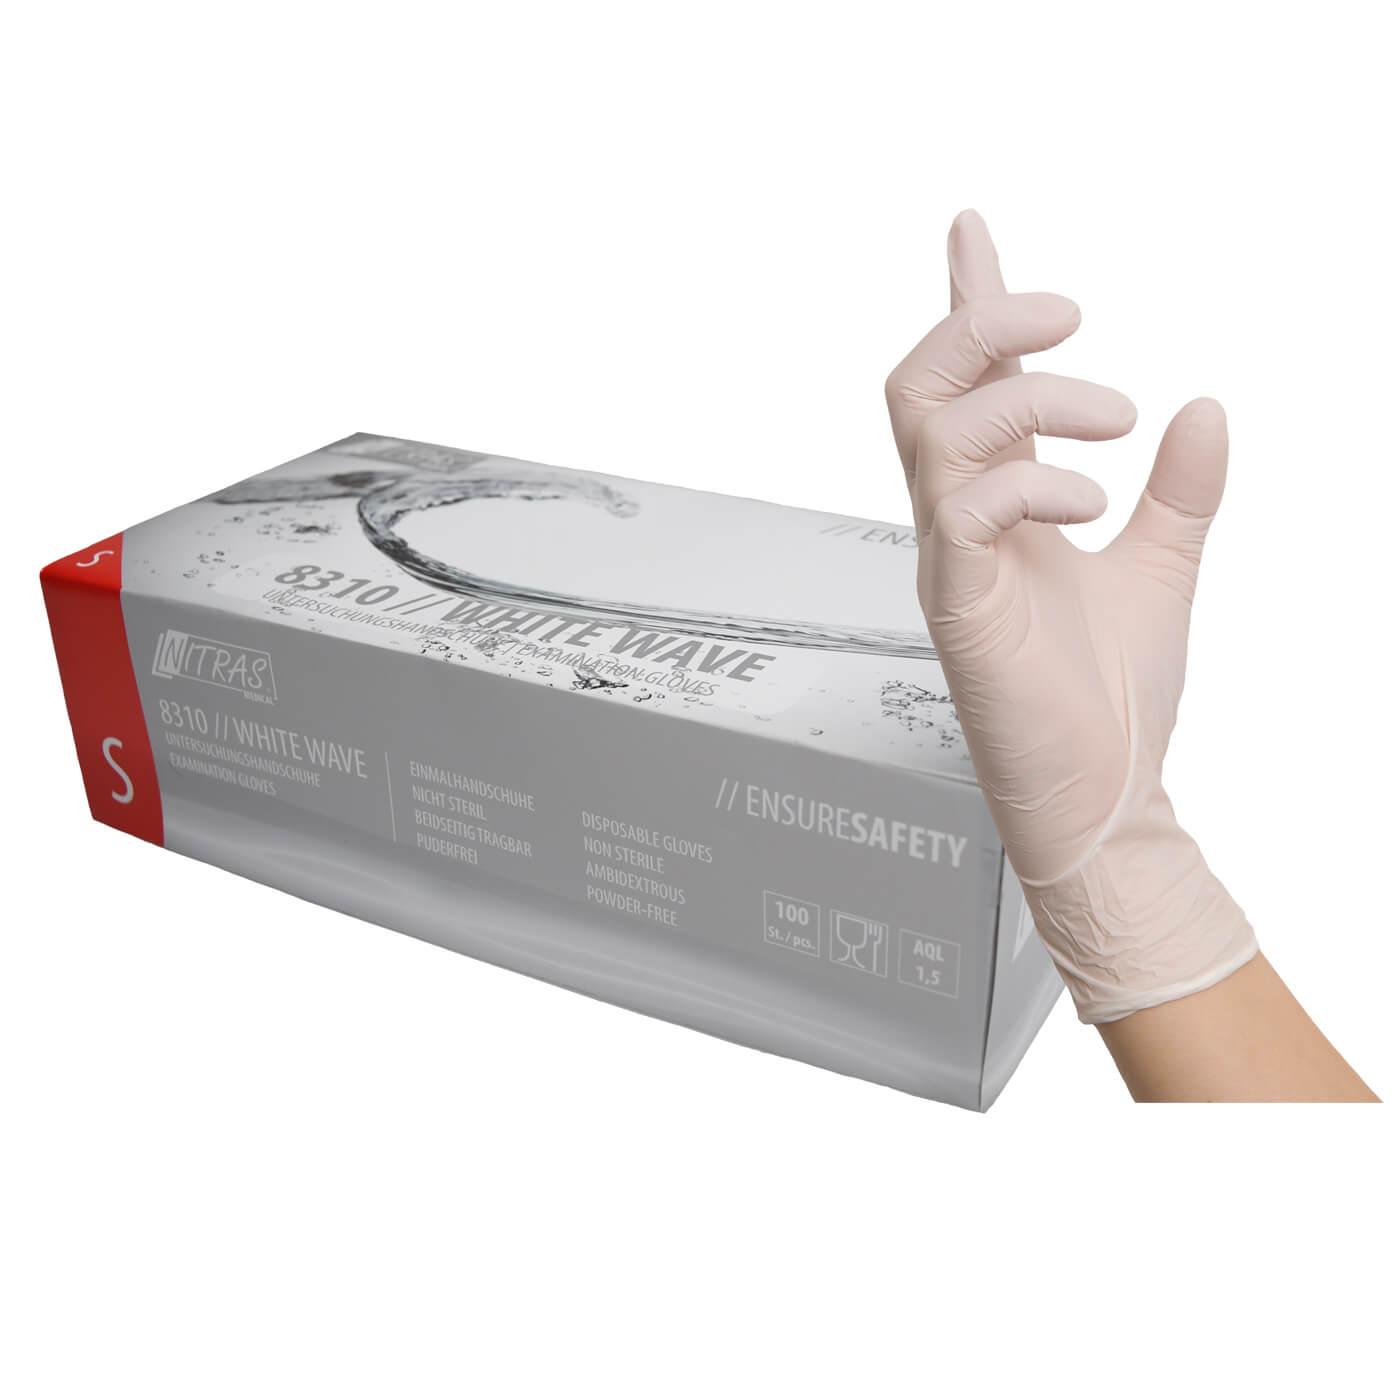 Rękawice jednorazowe Nitras 8310/ WHITE WAVE